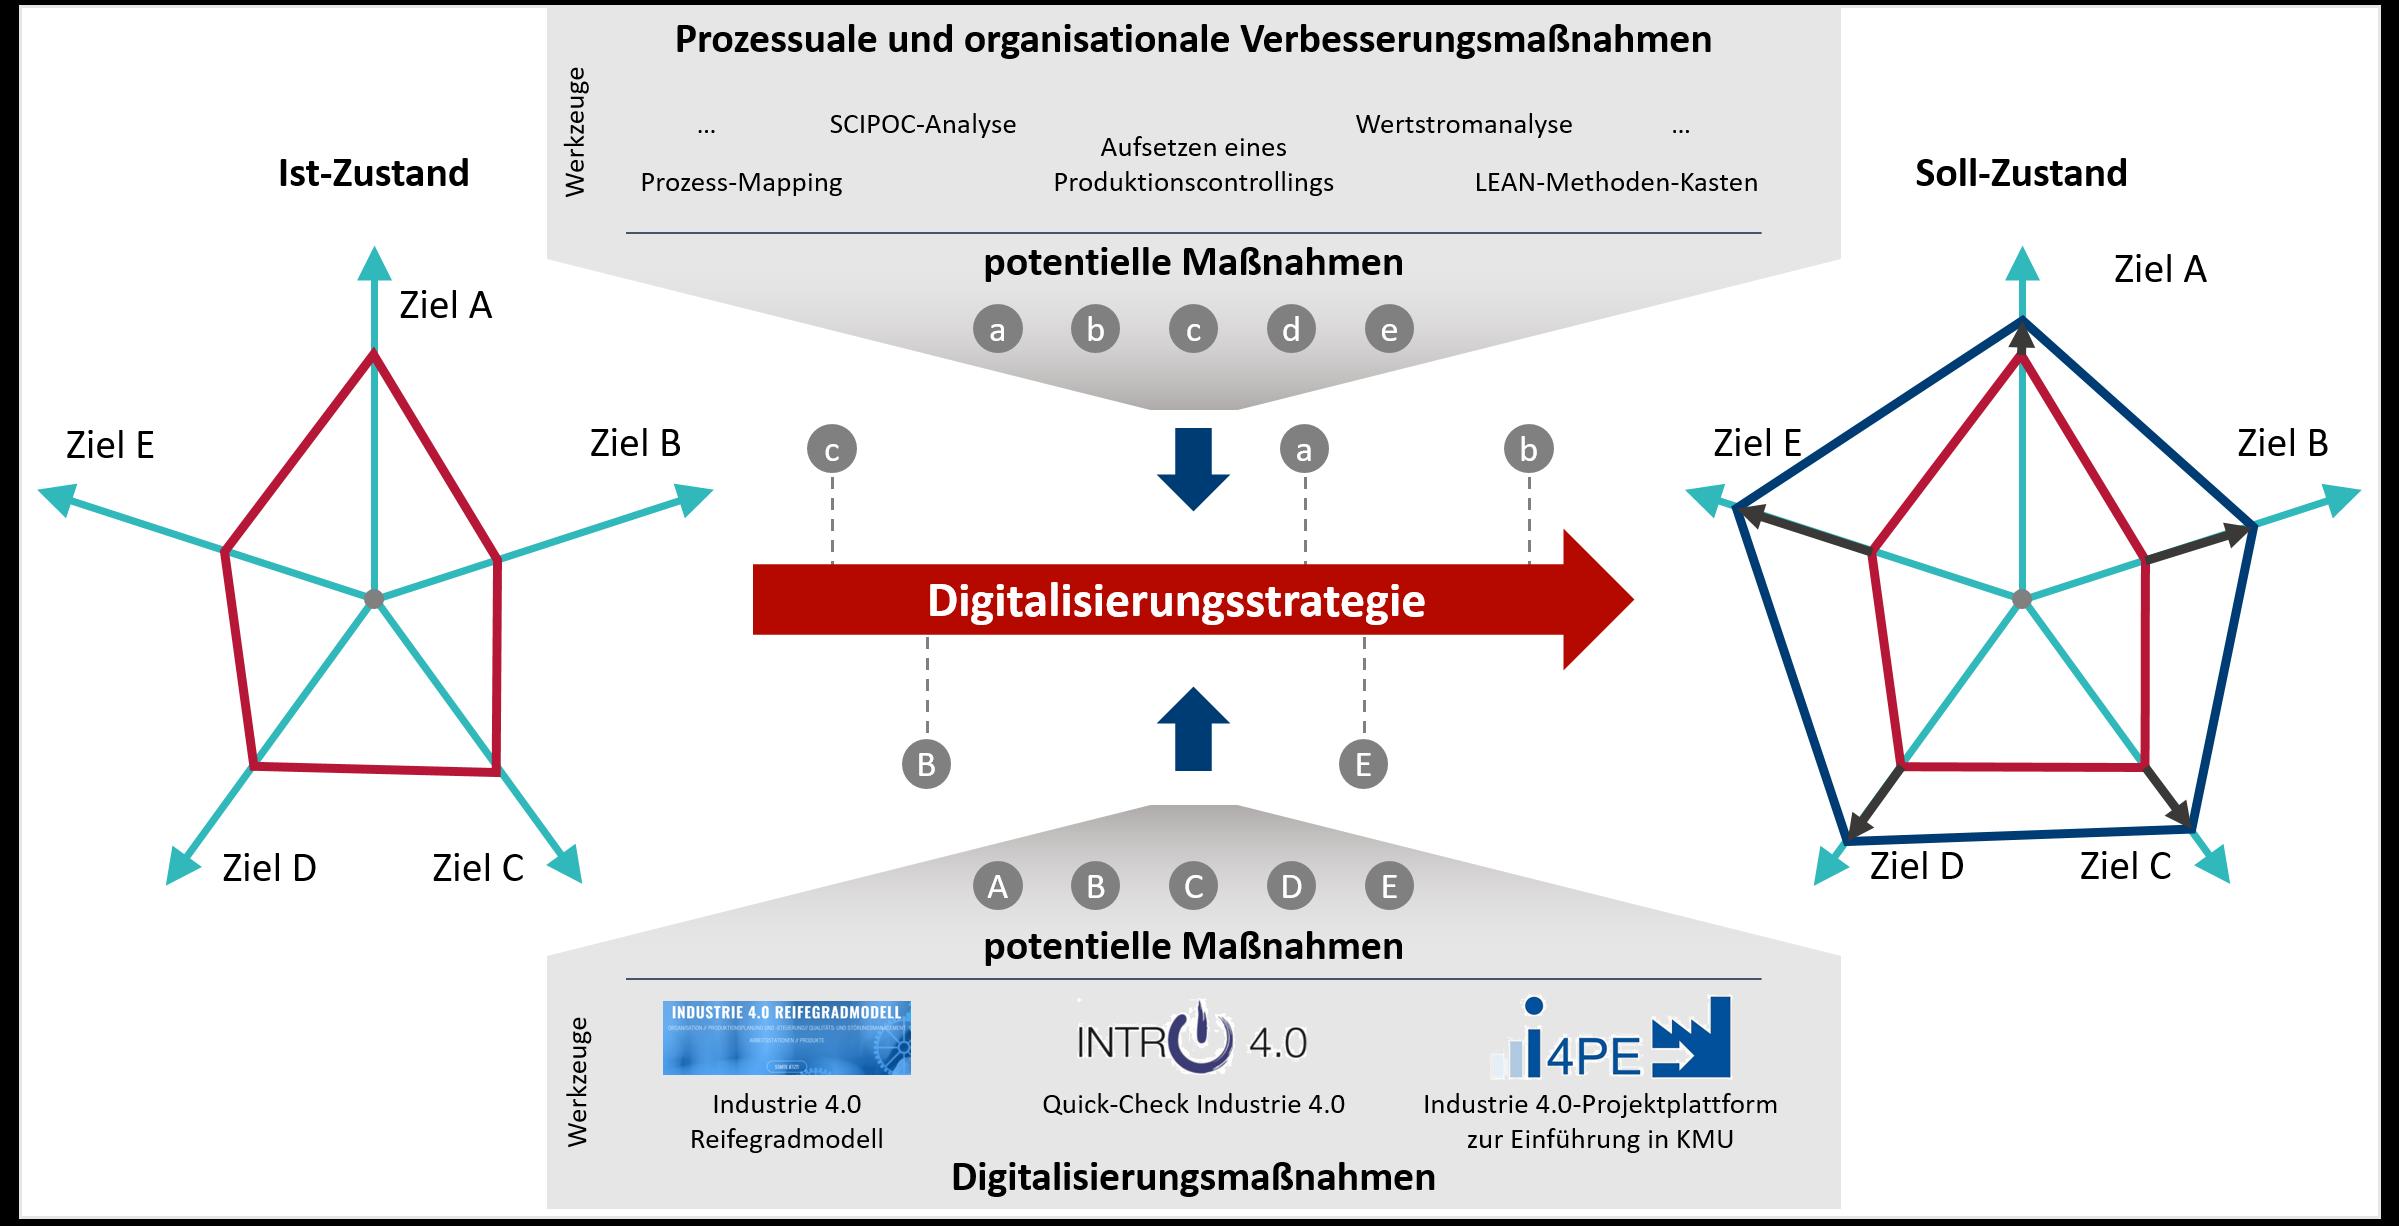 In eine ganzheitliche Strategie sollten immer Digitalisierungs- und organisationale Verbesserungsmaßnahmen Berücksichtigung finden.